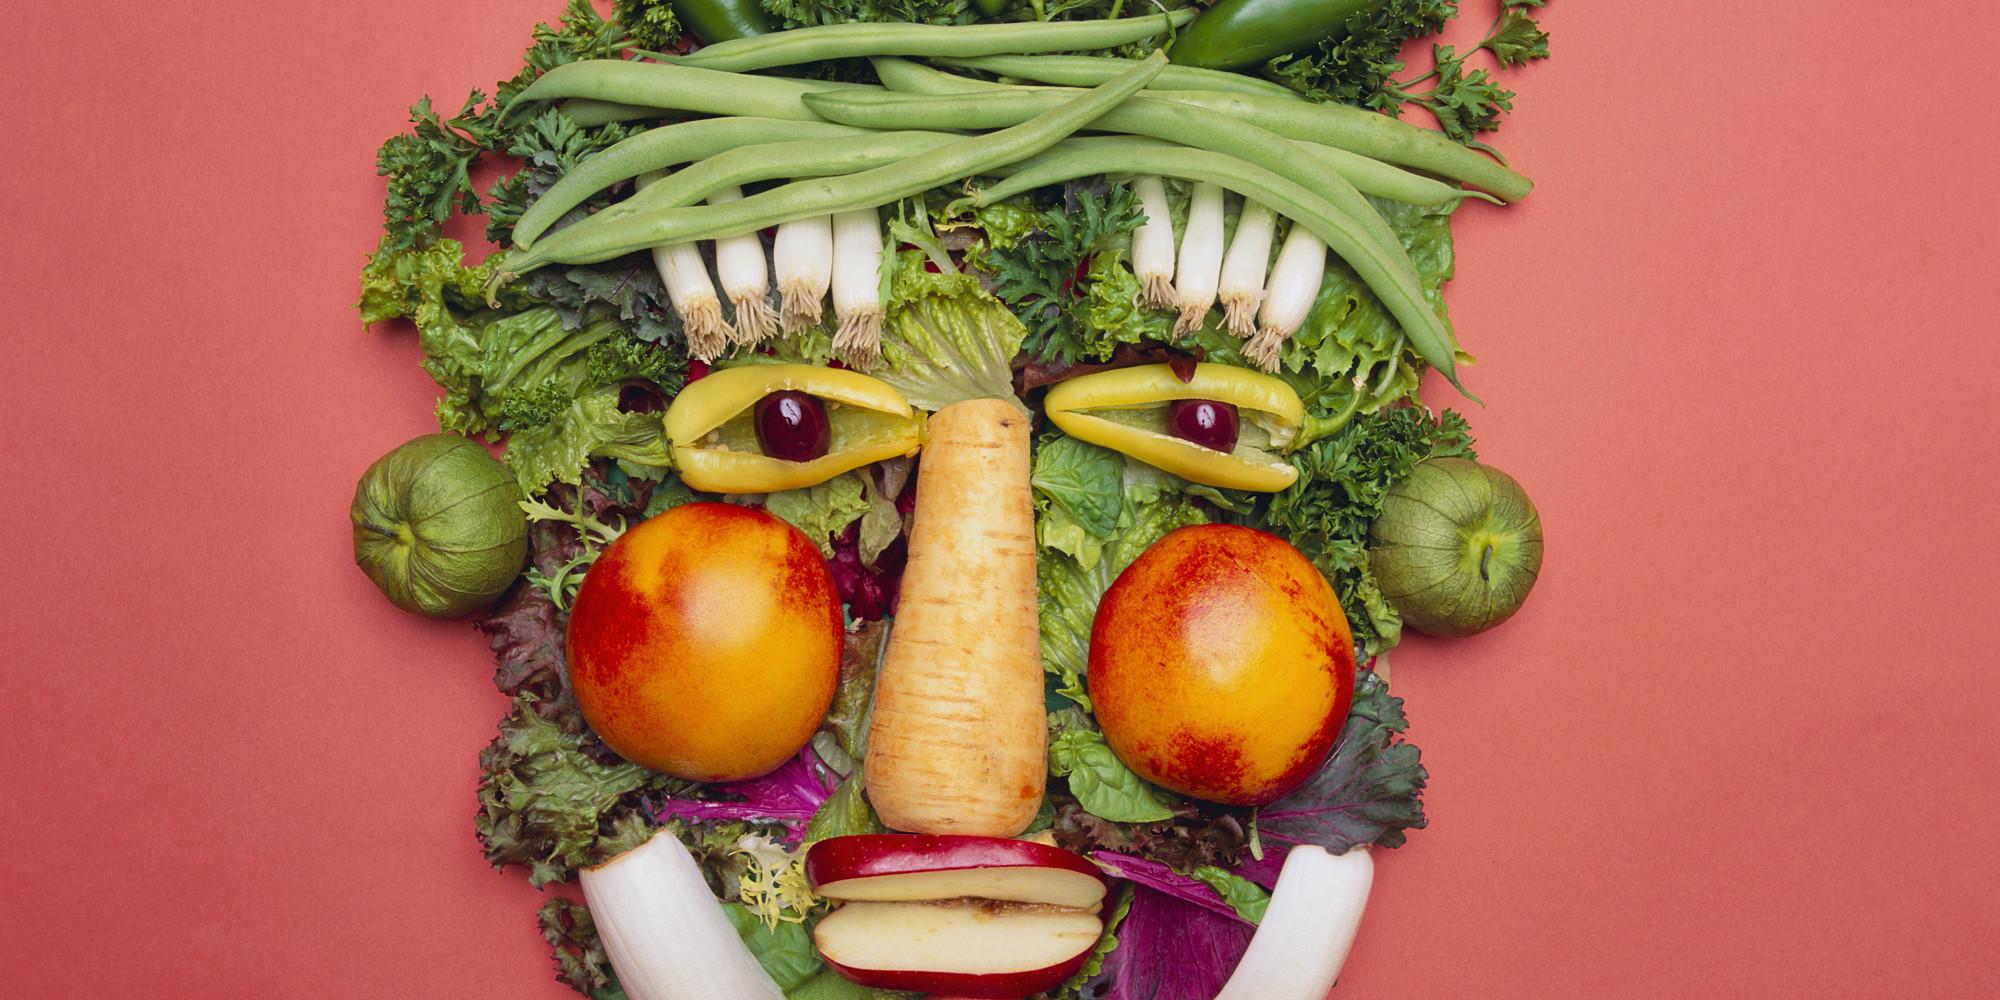 Αποτέλεσμα εικόνας για no vegan diet and christianity